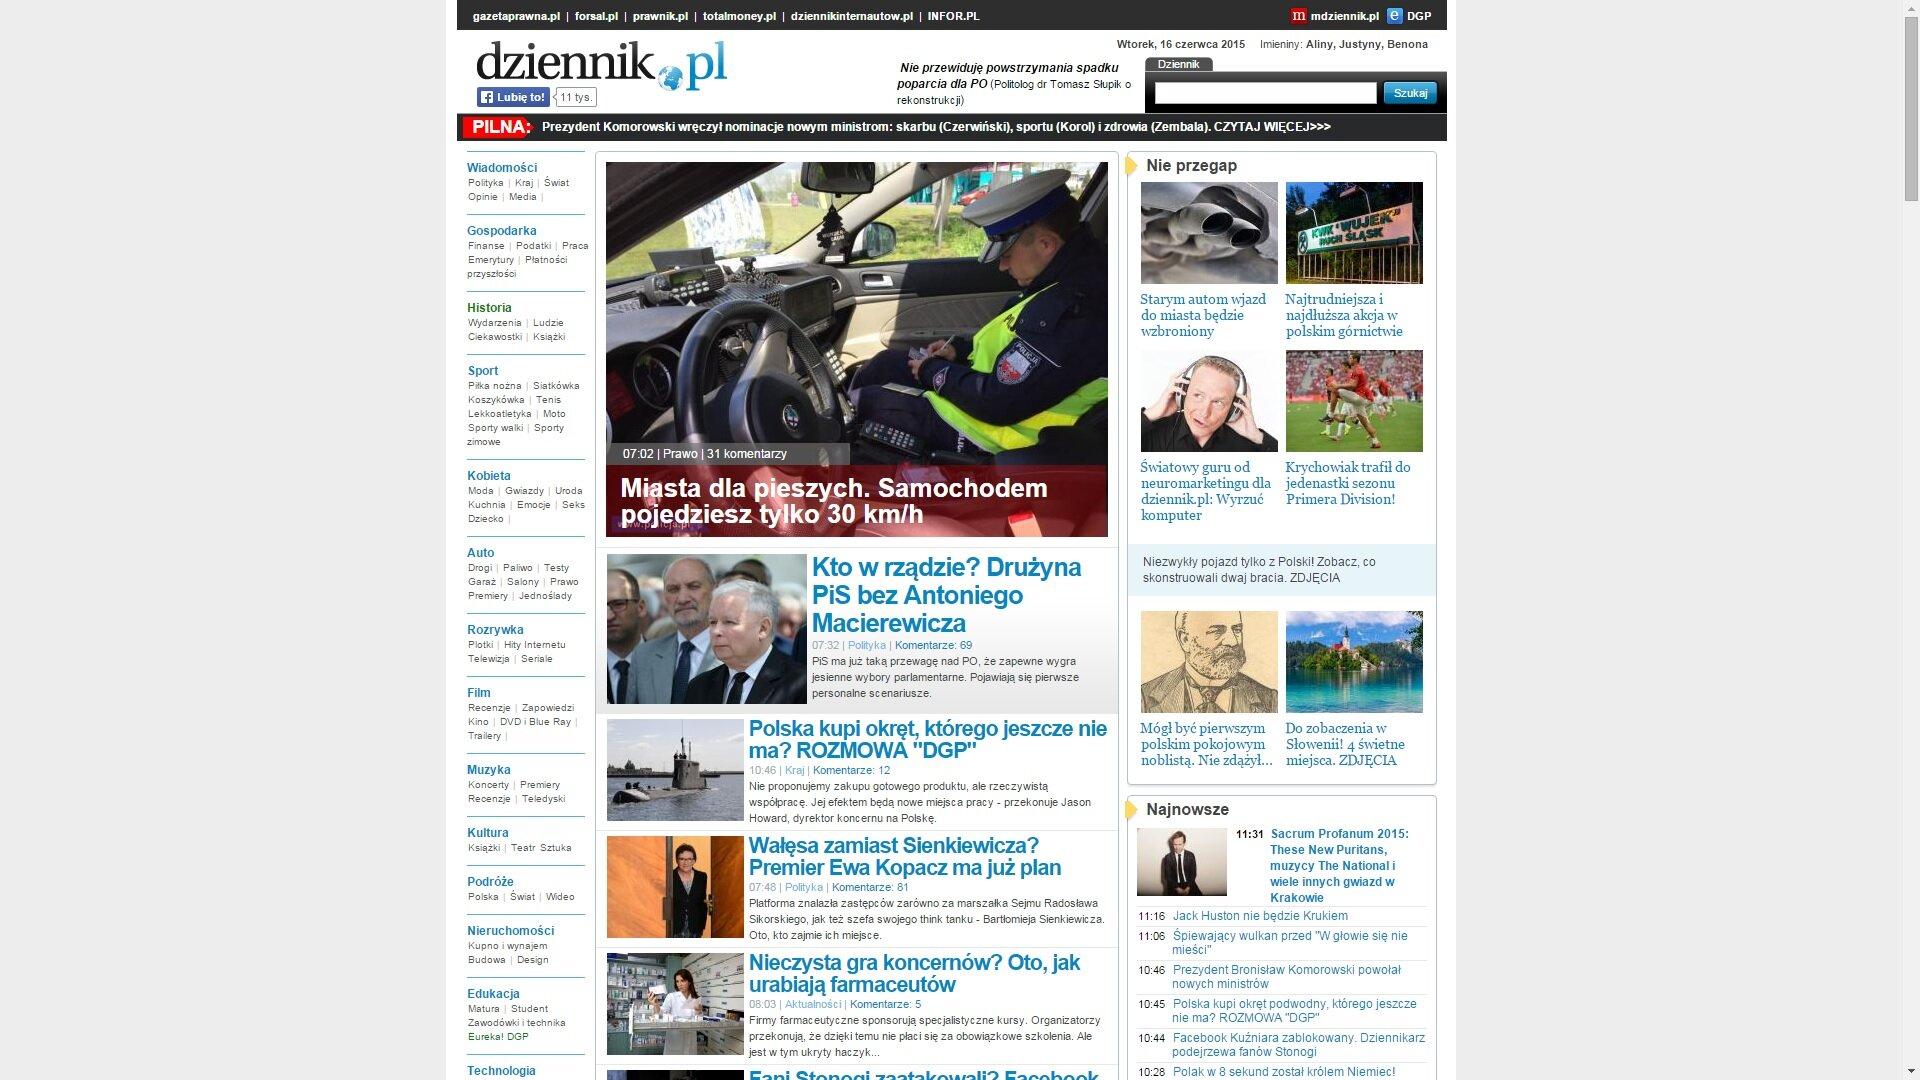 Zrzut ekranu ze strony www.dziennik.pl